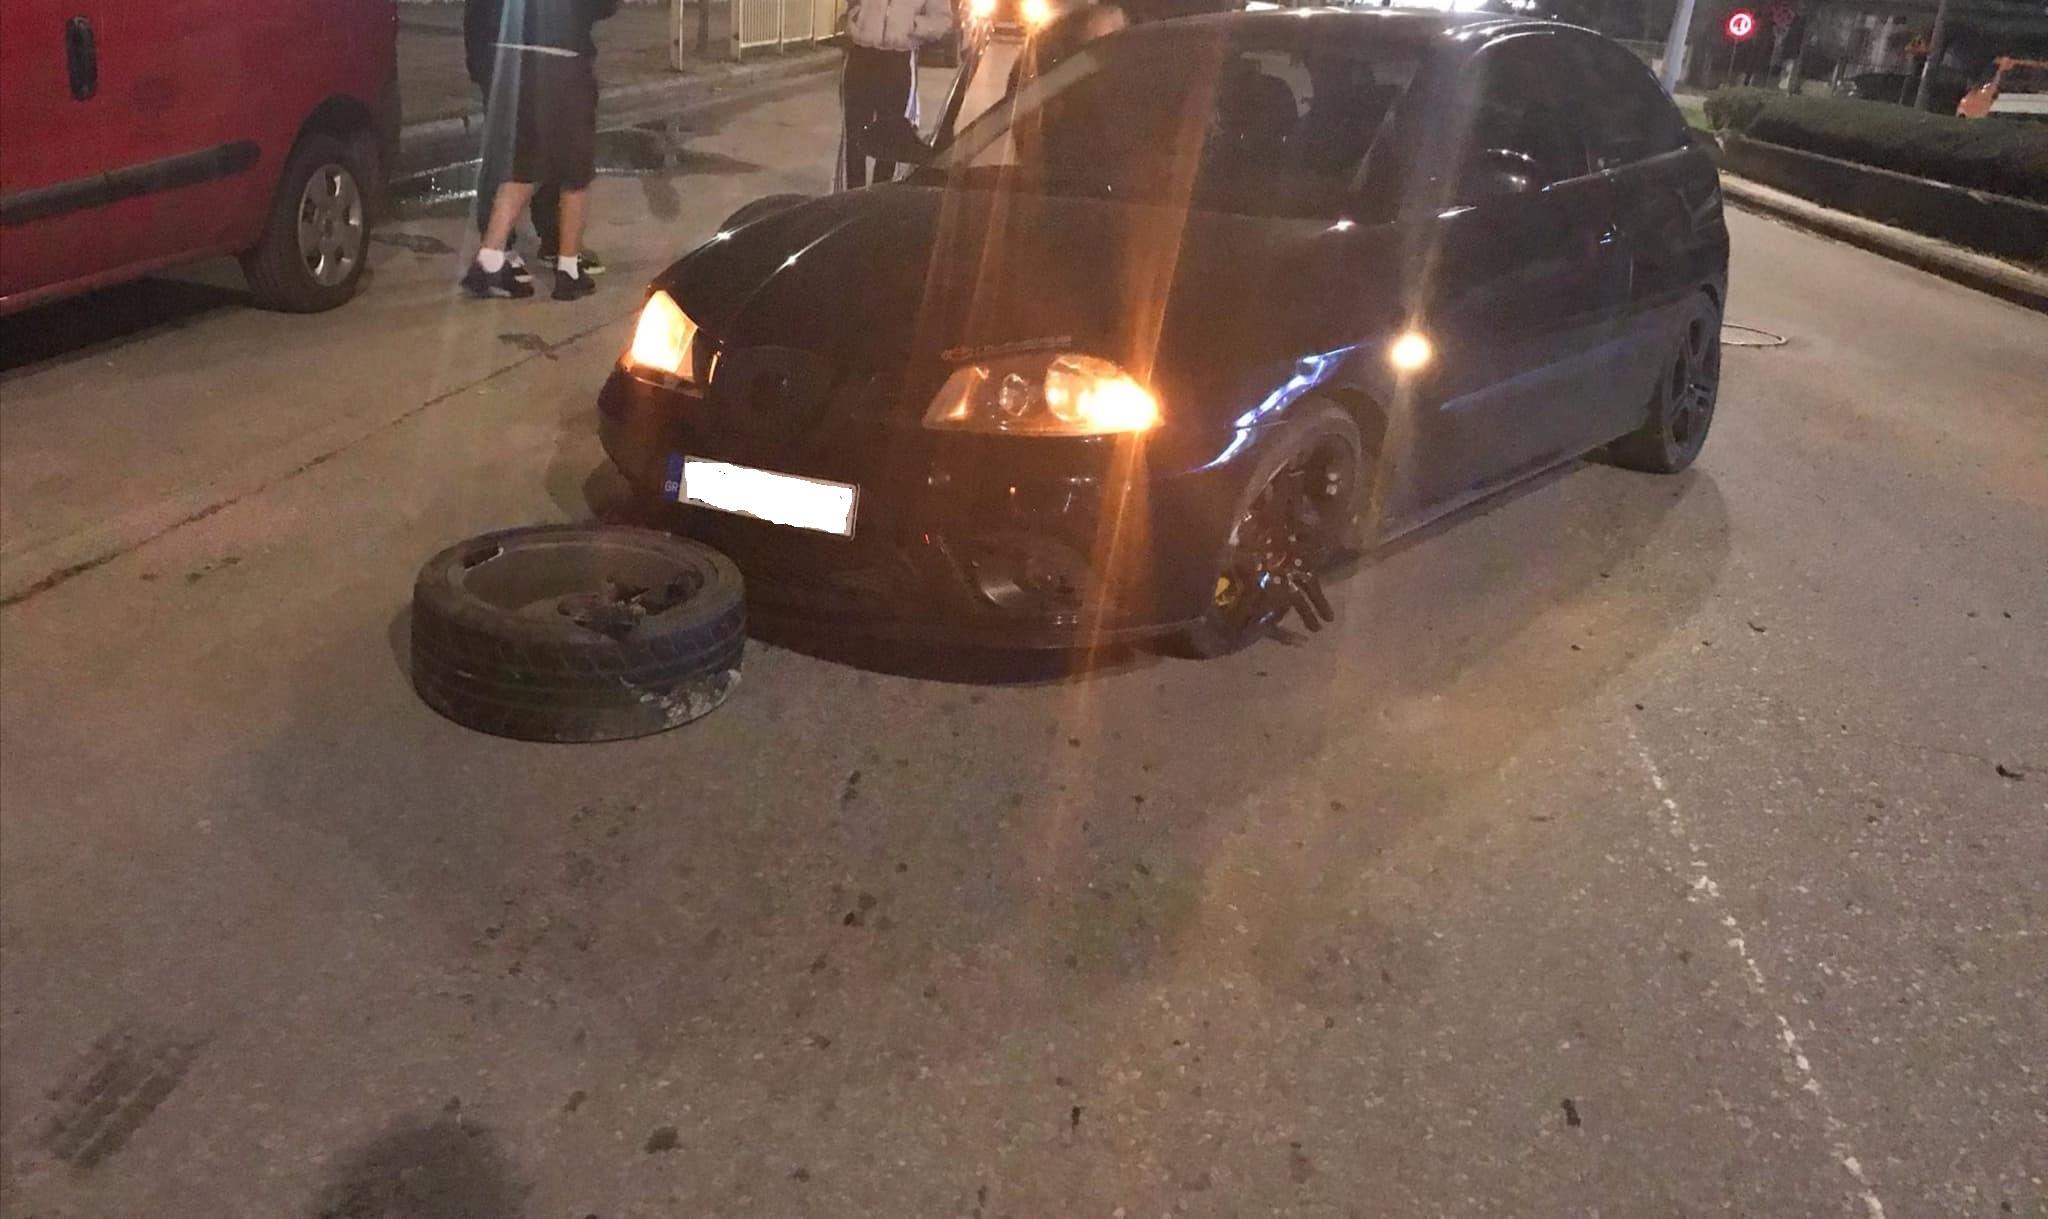 Τώρα: Ηρώων Πολυτεχνείου Αυτοκίνητο εξετράπη της πορείας του (ΦΩΤΟ)